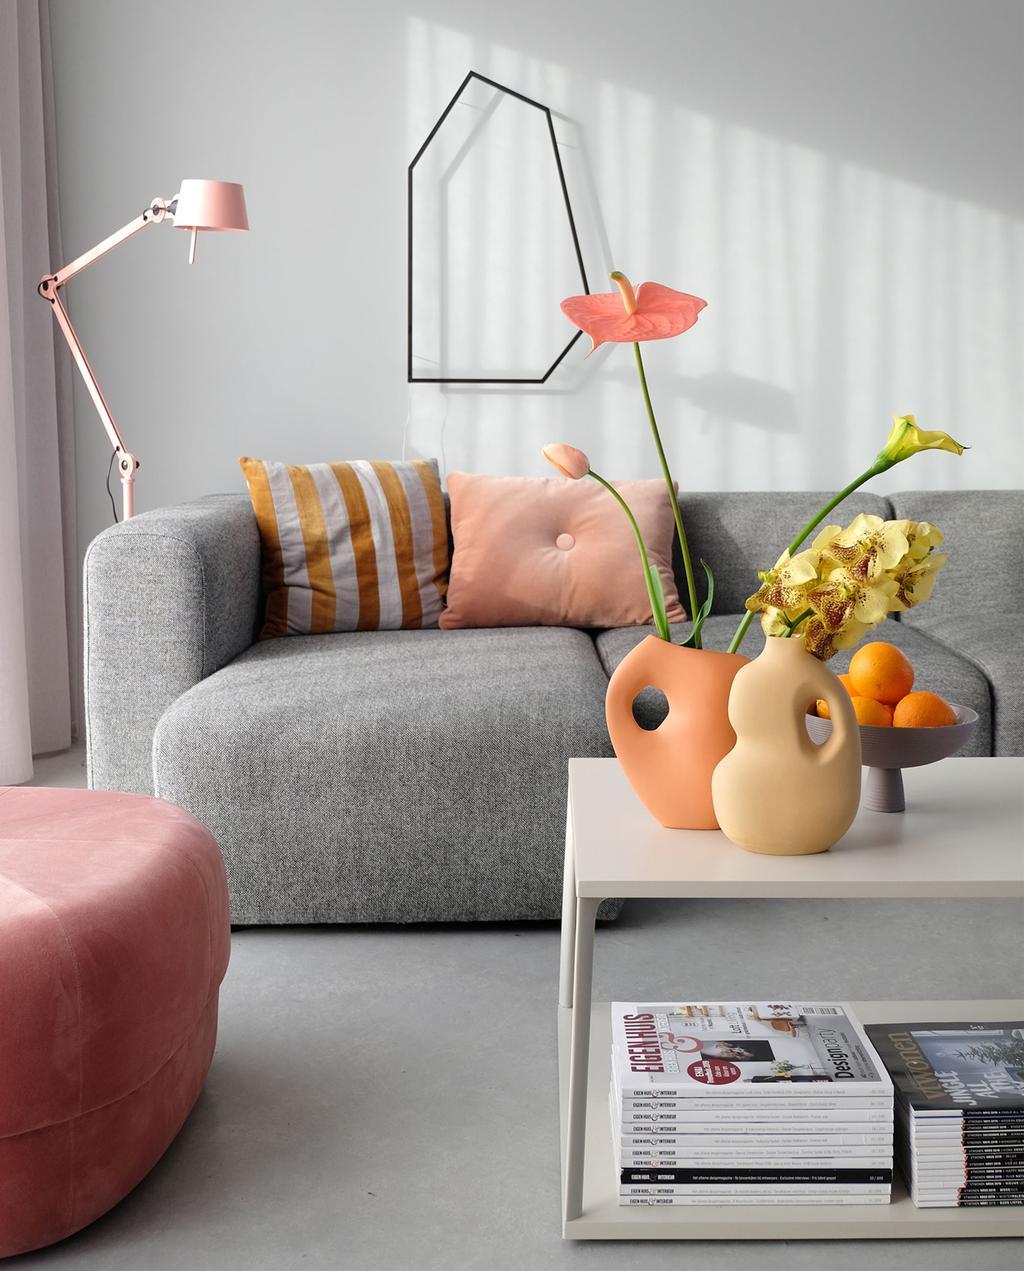 vtwonen | Blog woonkamer Duits design kleurrijk